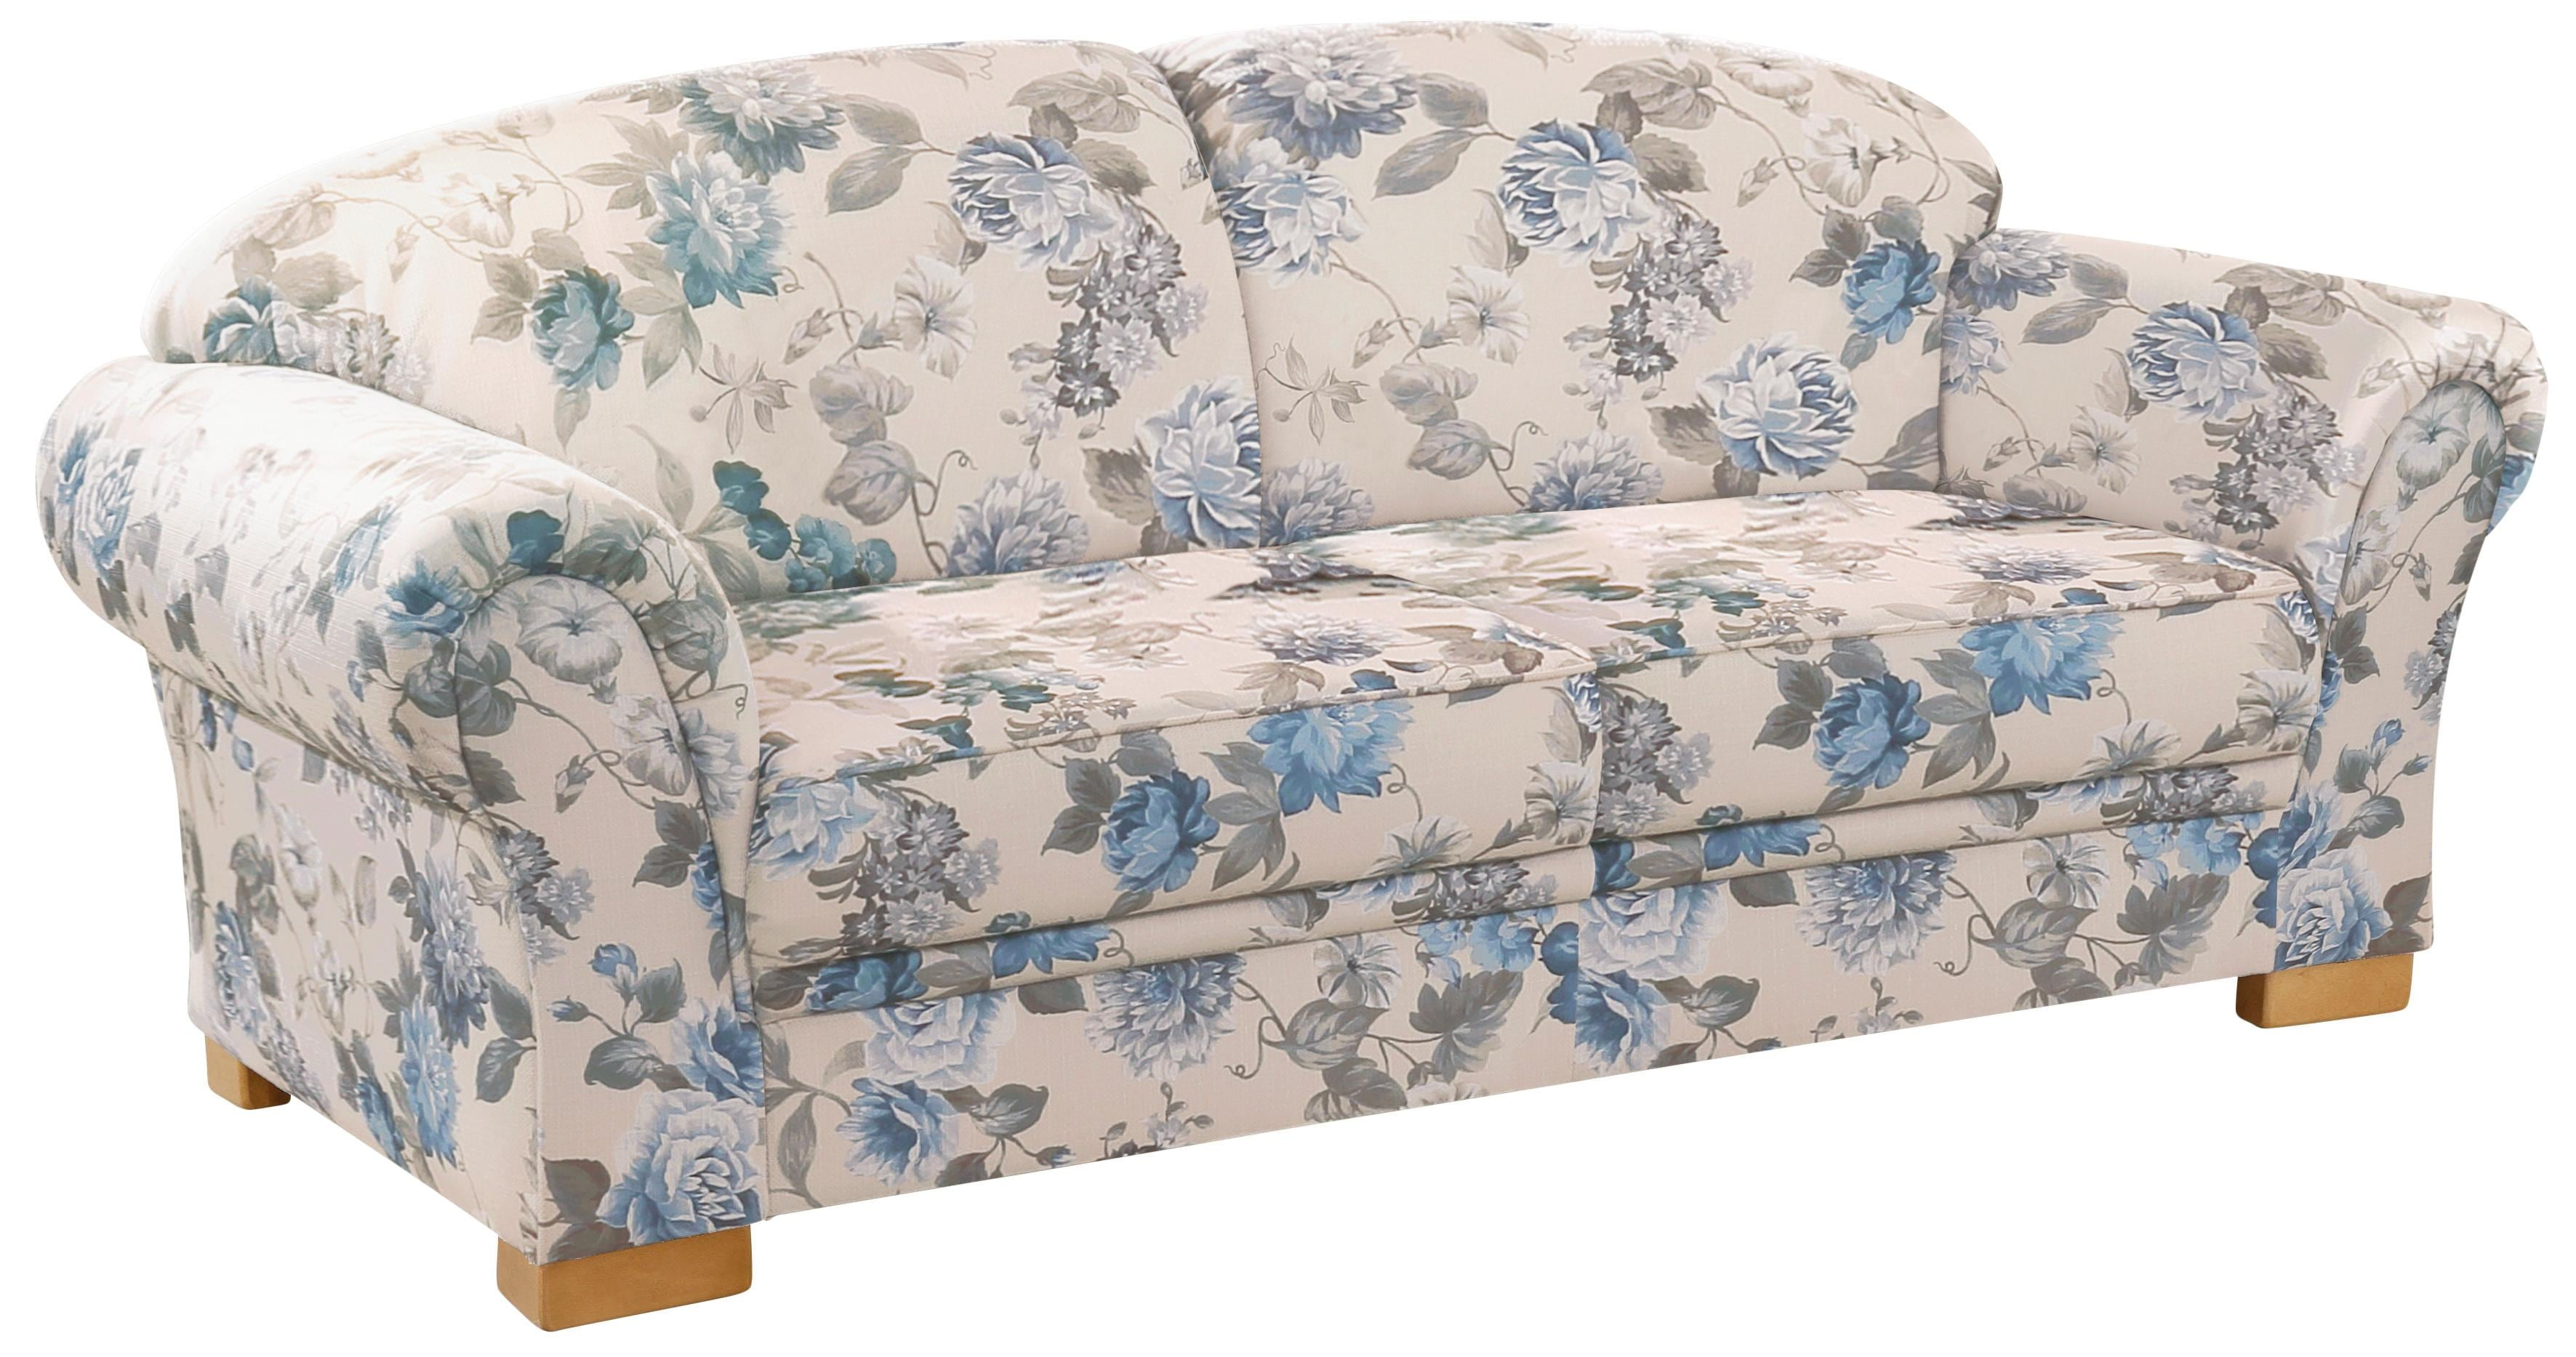 Home affaire 3-Sitzer »Amrum«, mit Blumenmuster, mit Federkern